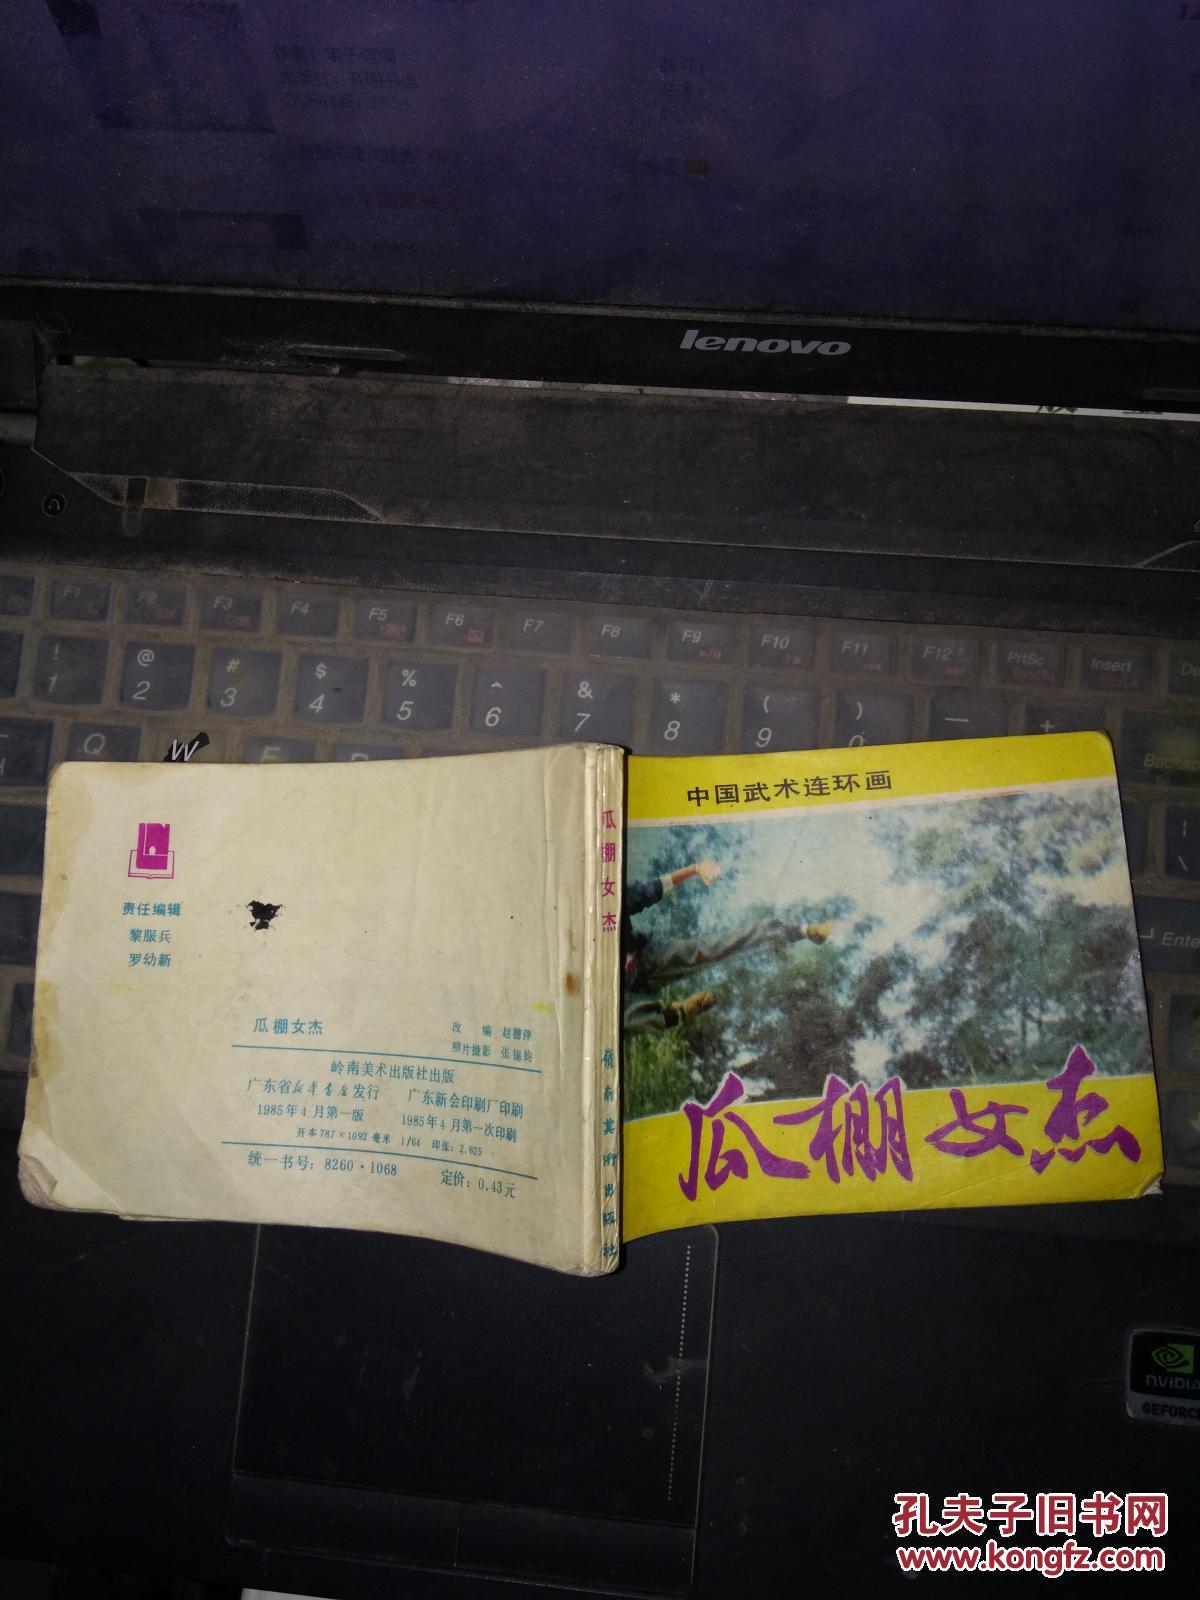 瓜棚电影主题连环画抗战v瓜棚70周年女杰纪录片图片